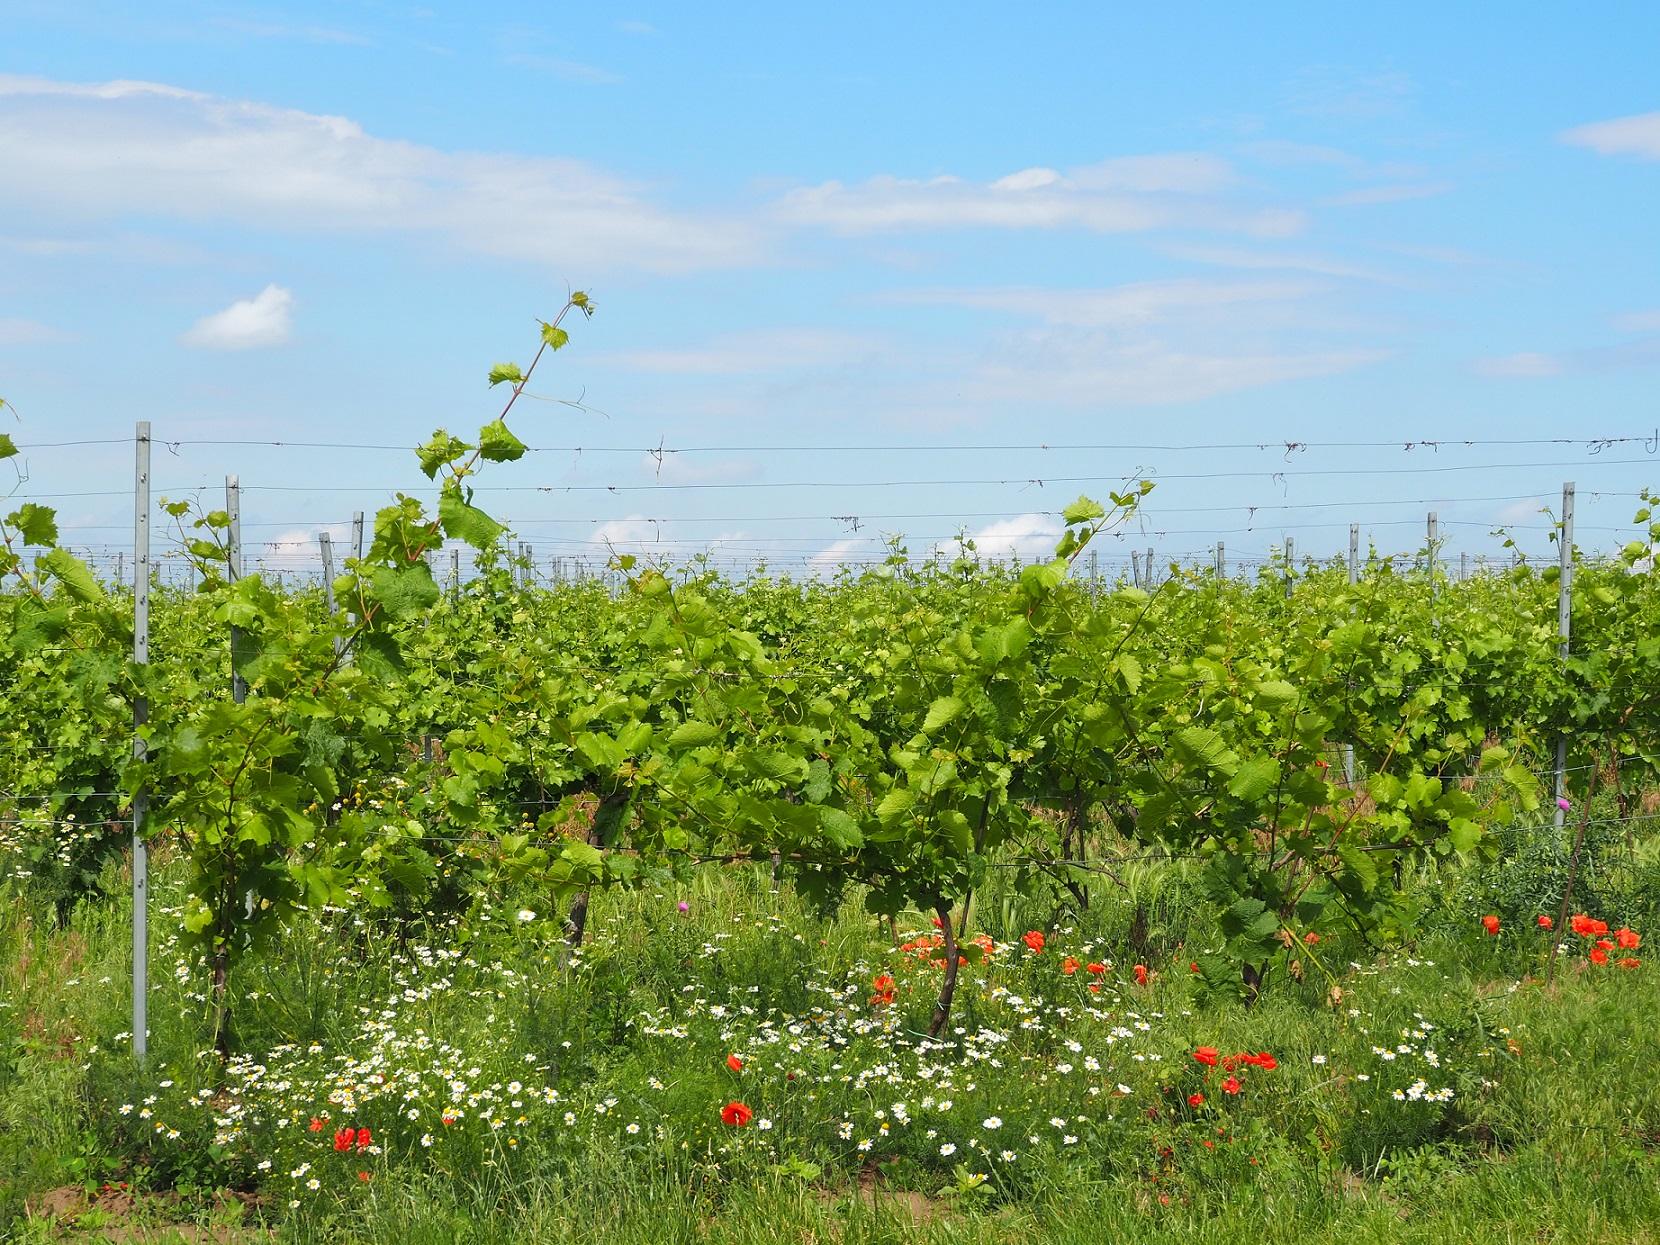 Vignes de Mikulov en Moravie-du-Sud en République Tchèque